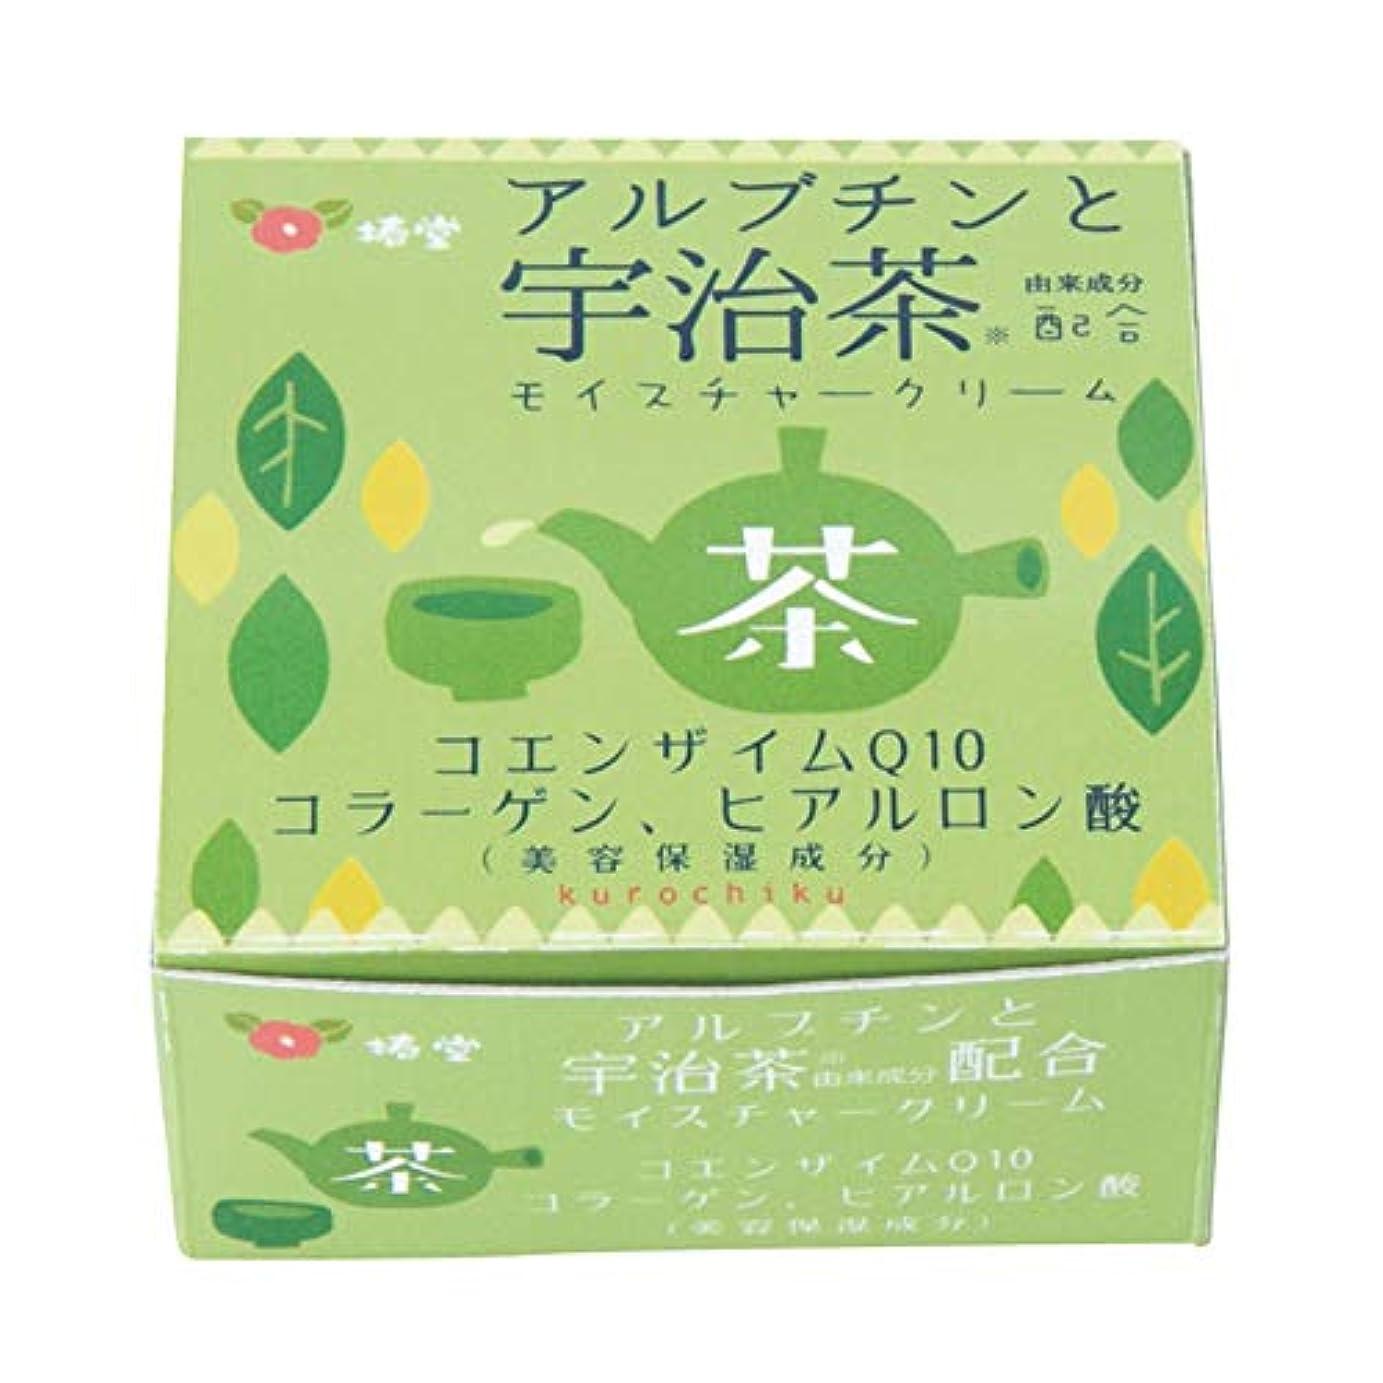 猟犬ランチョン割合椿堂 宇治茶モイスチャークリーム (アルブチンと宇治茶) 京都くろちく